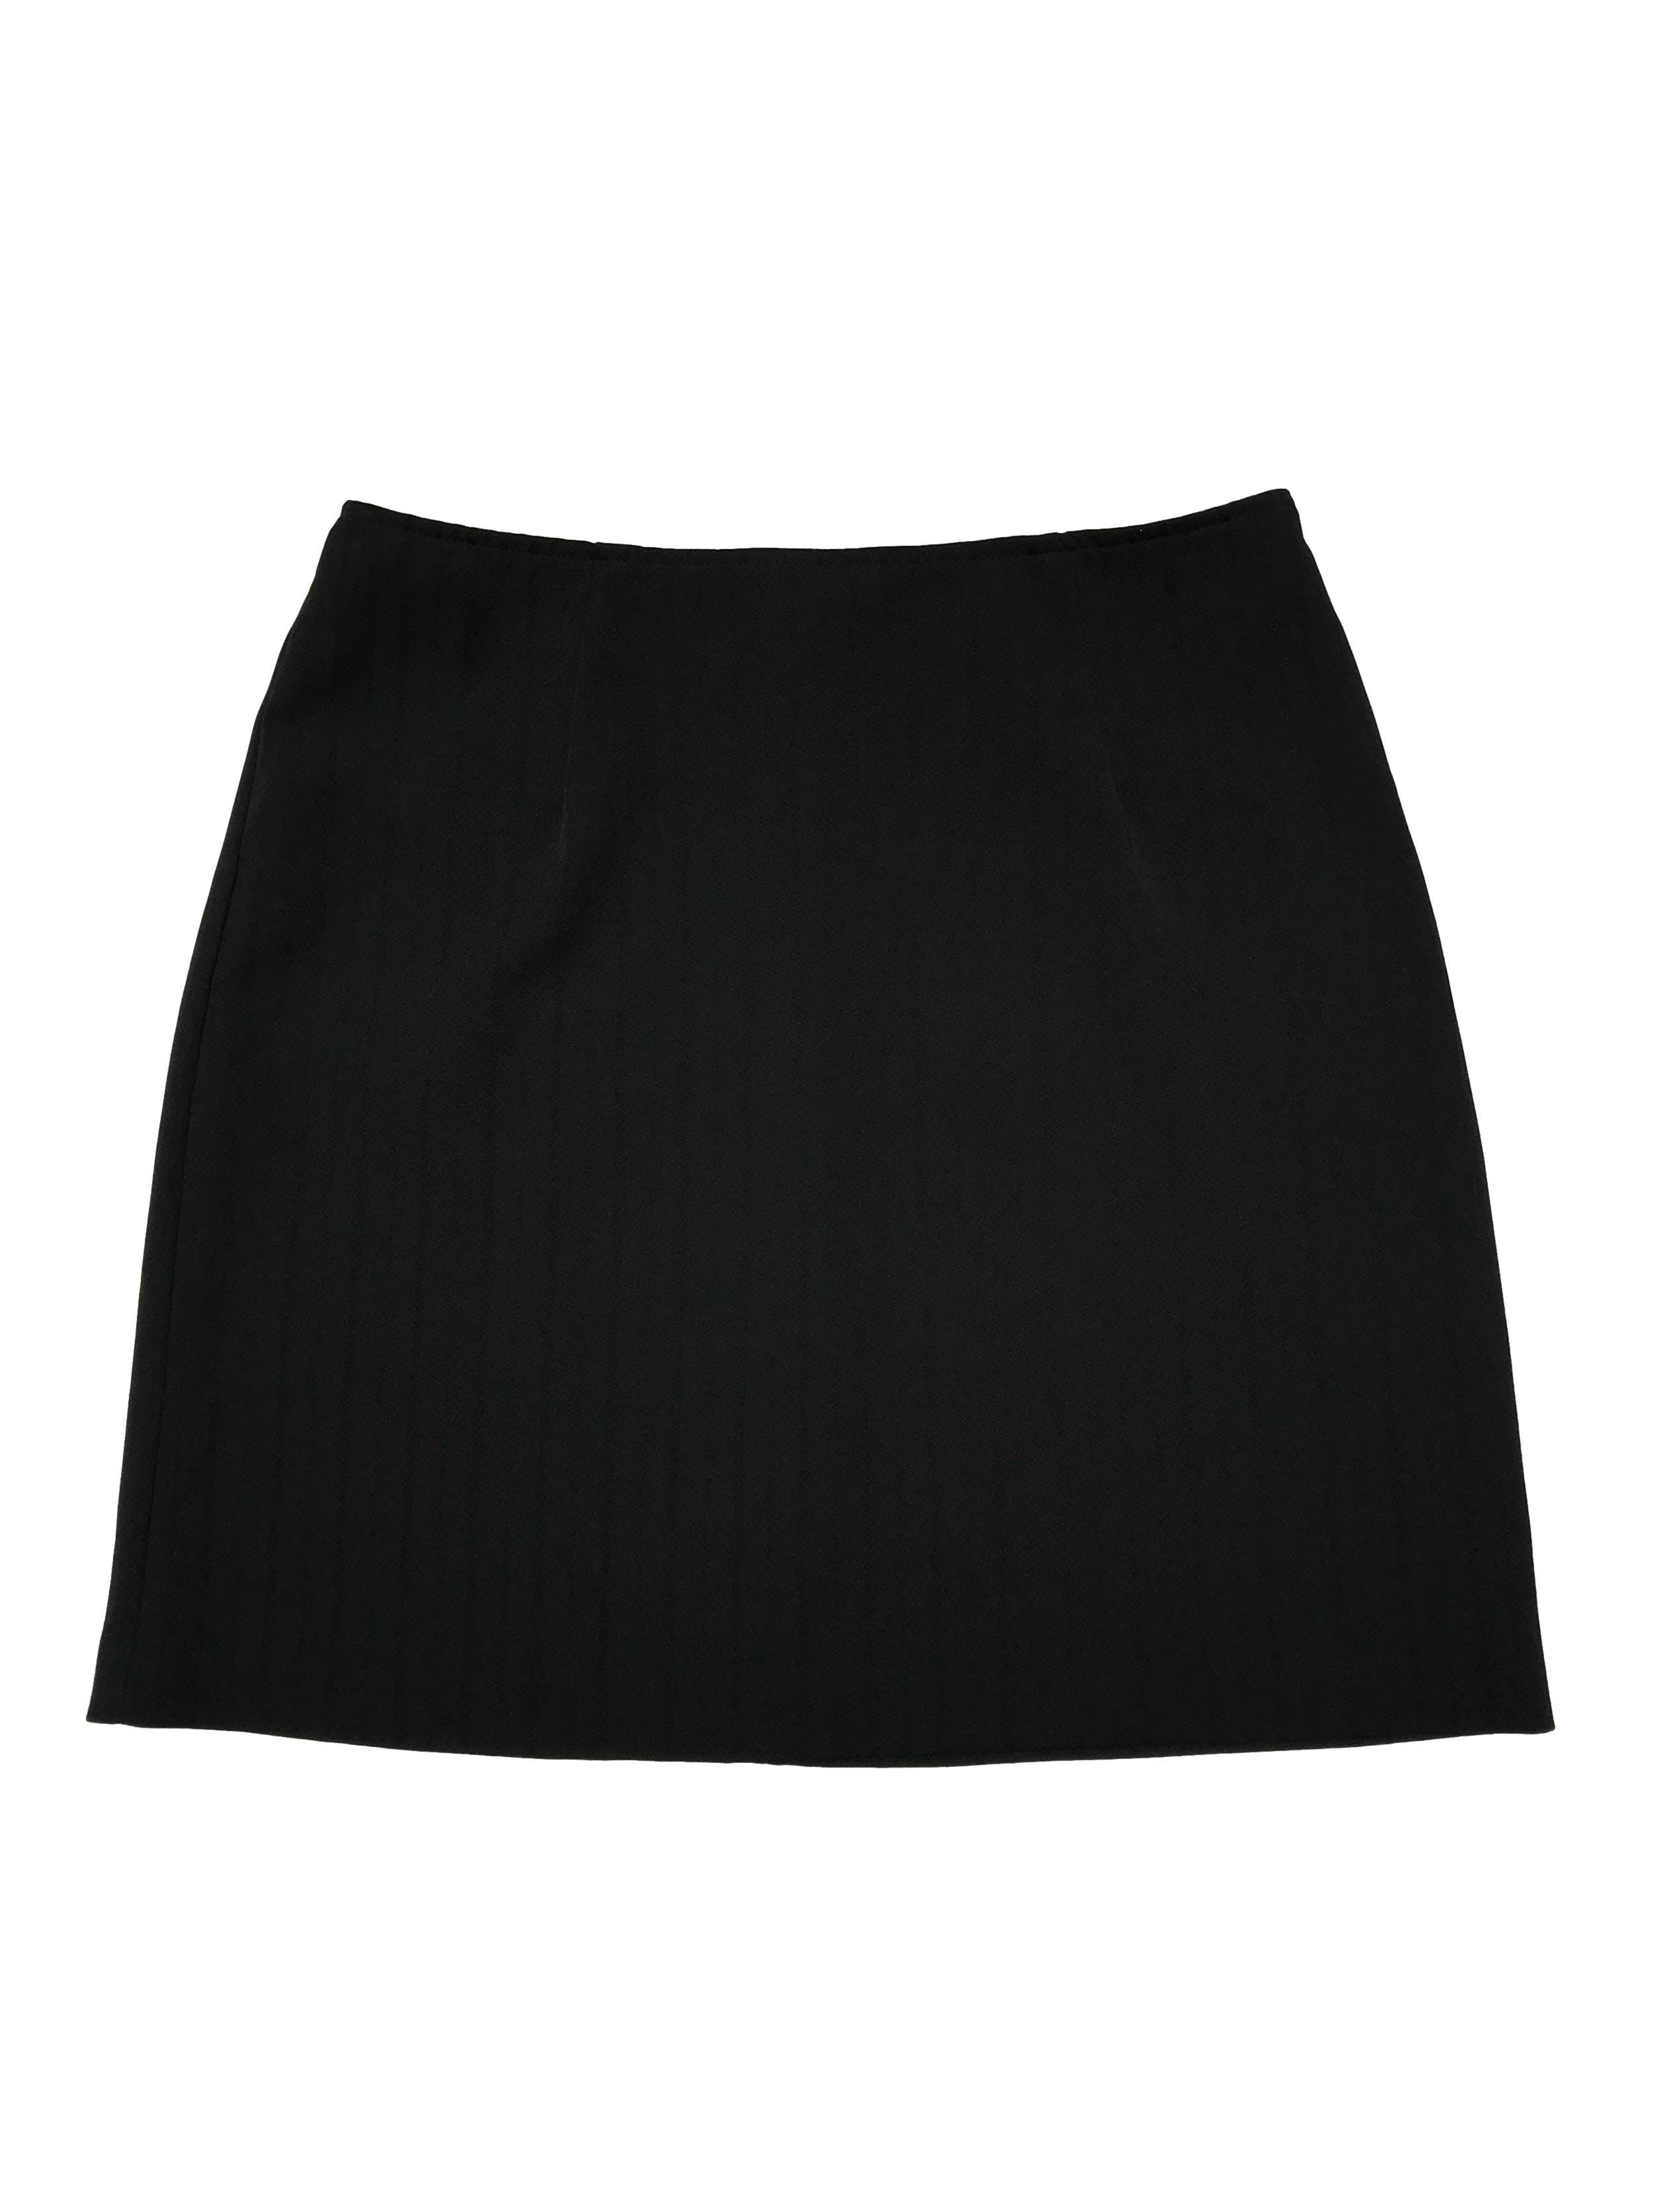 Falda negra con líneas al tono y cierre posterior. Cintura 78cm Largo 46cm. Tiene top conjunto